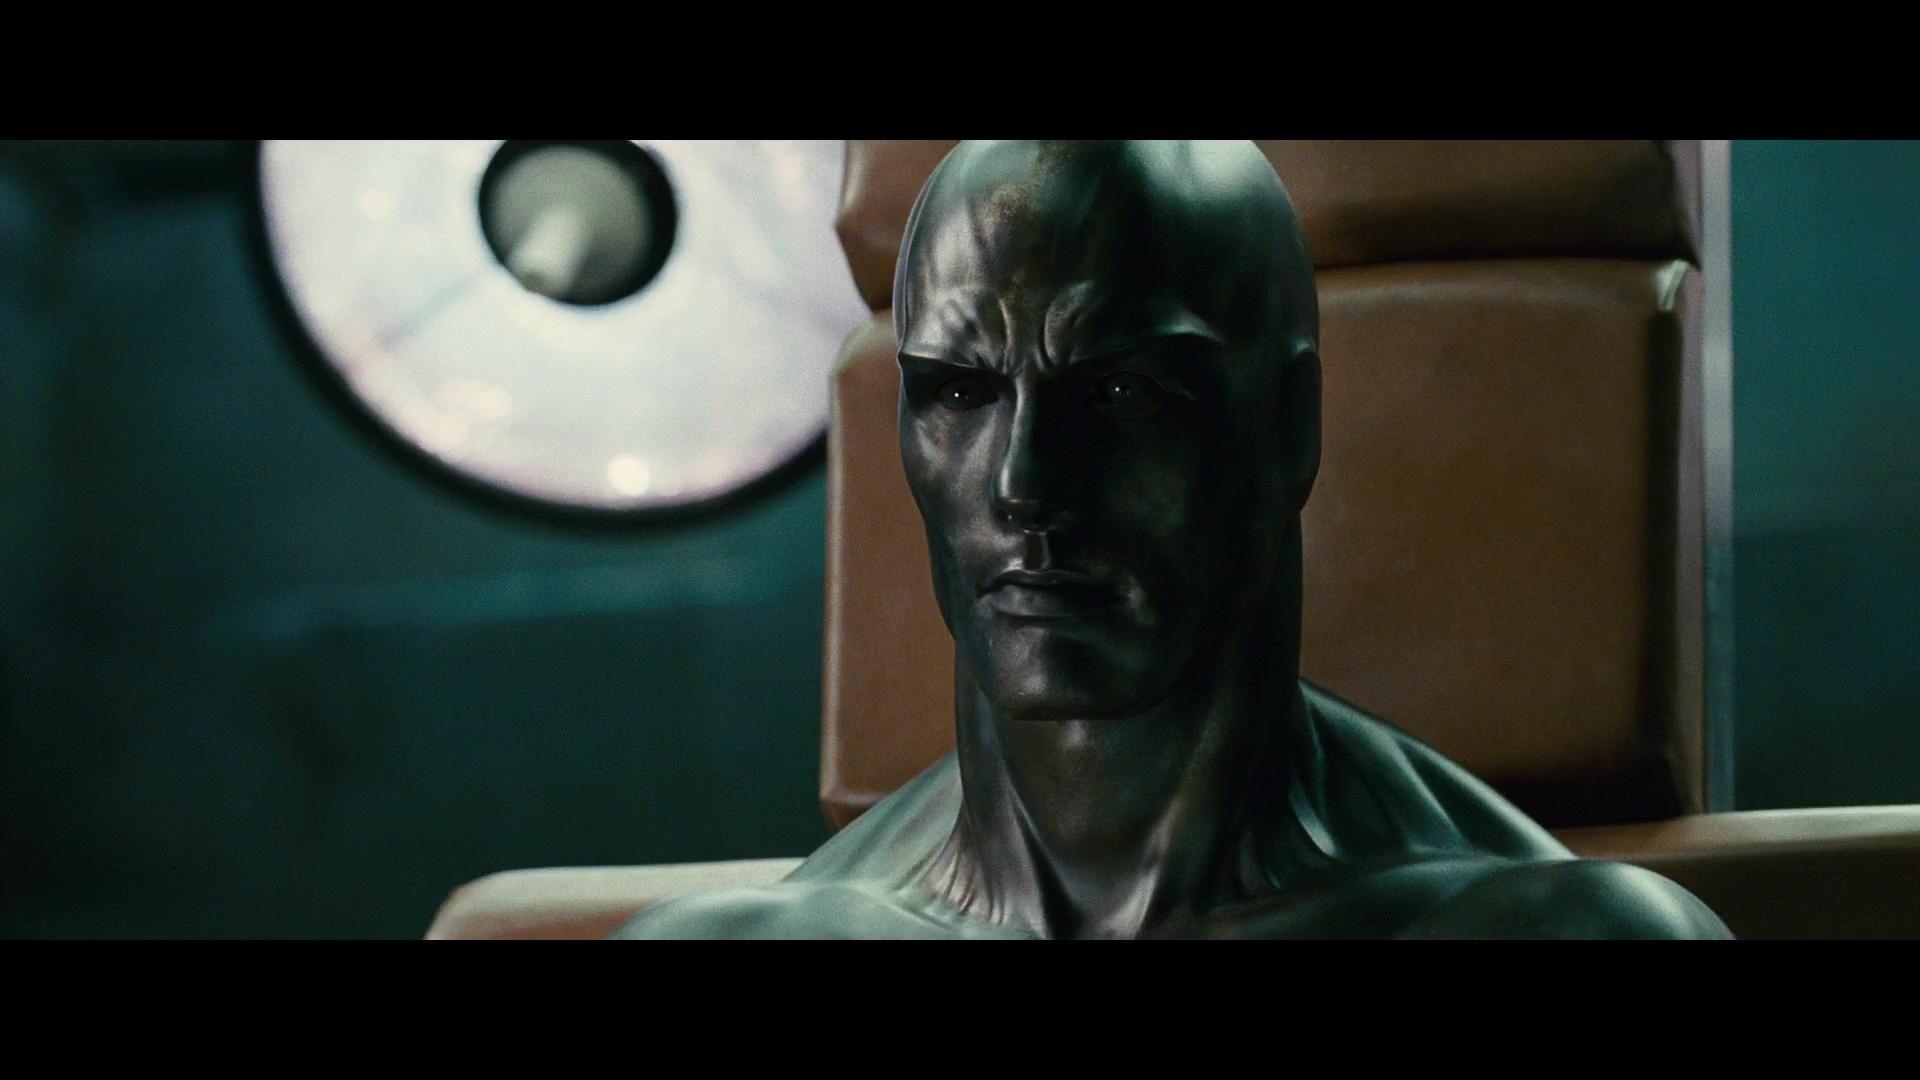 Los 4 Fantasticos 2 Y El Deslizador De Plata 1080p Lat-Cast-Ing[Fantasia](2007)